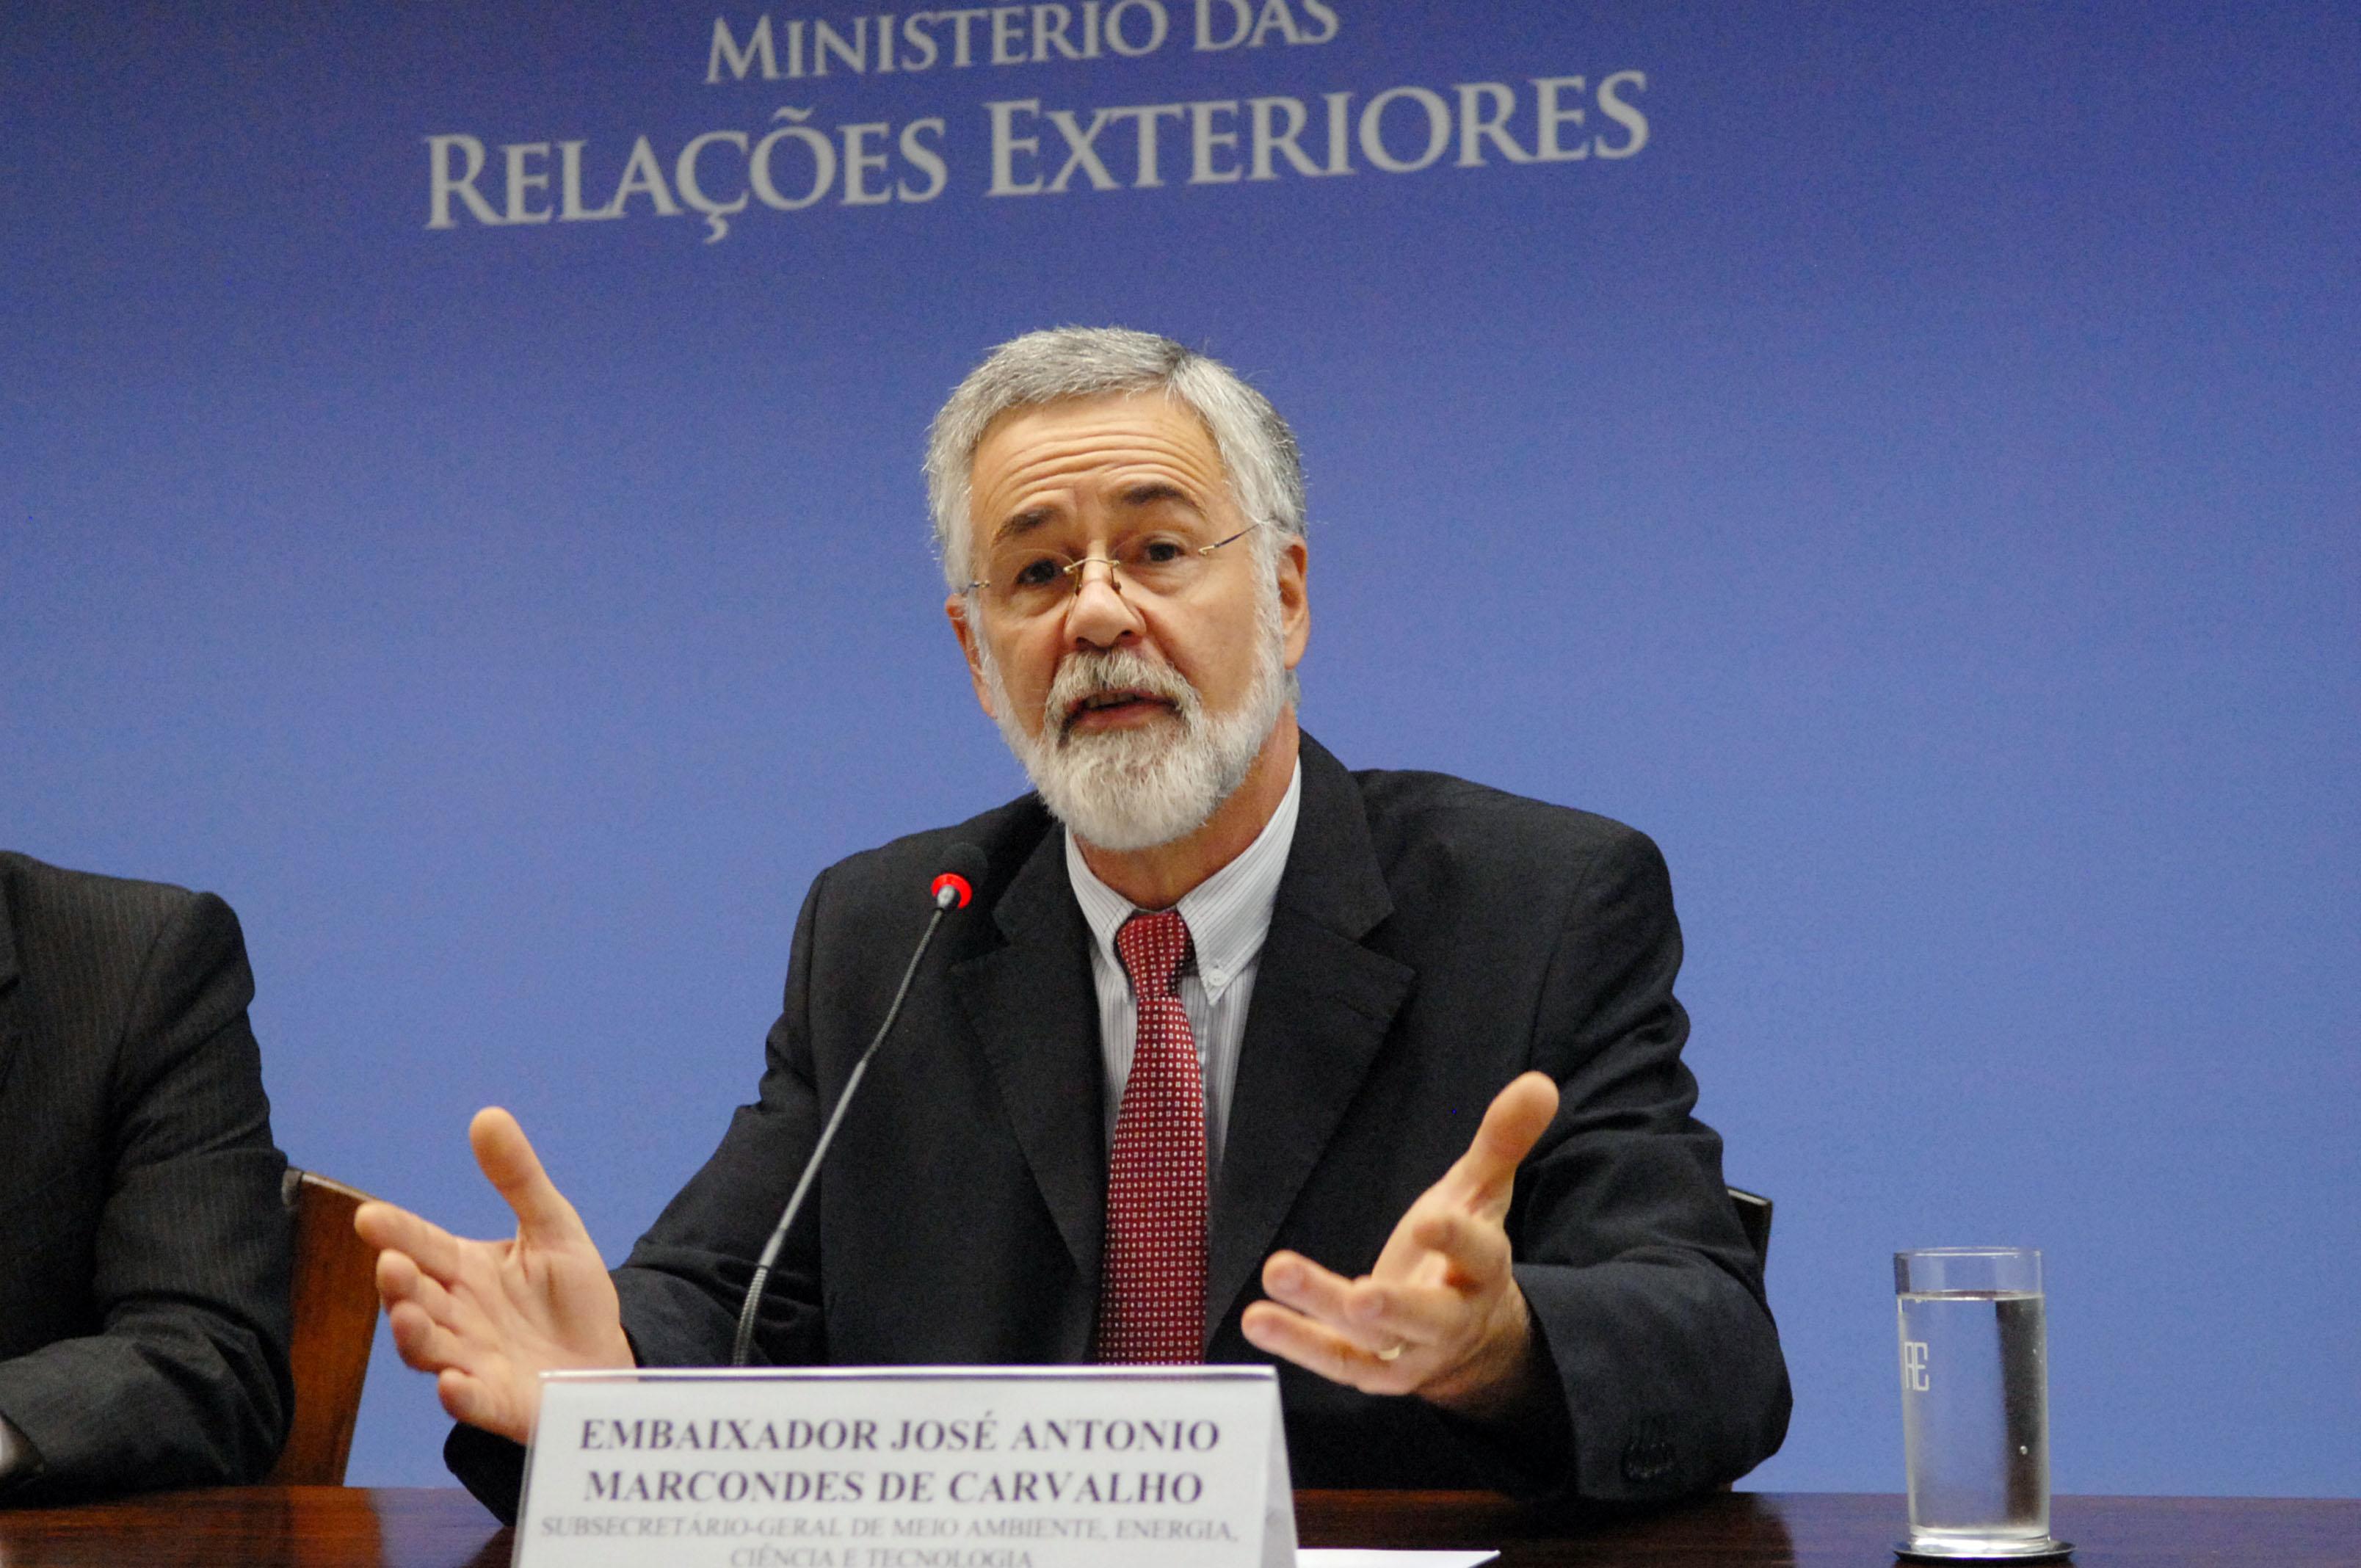 Brasil defenderá quatro pontos na COP 21